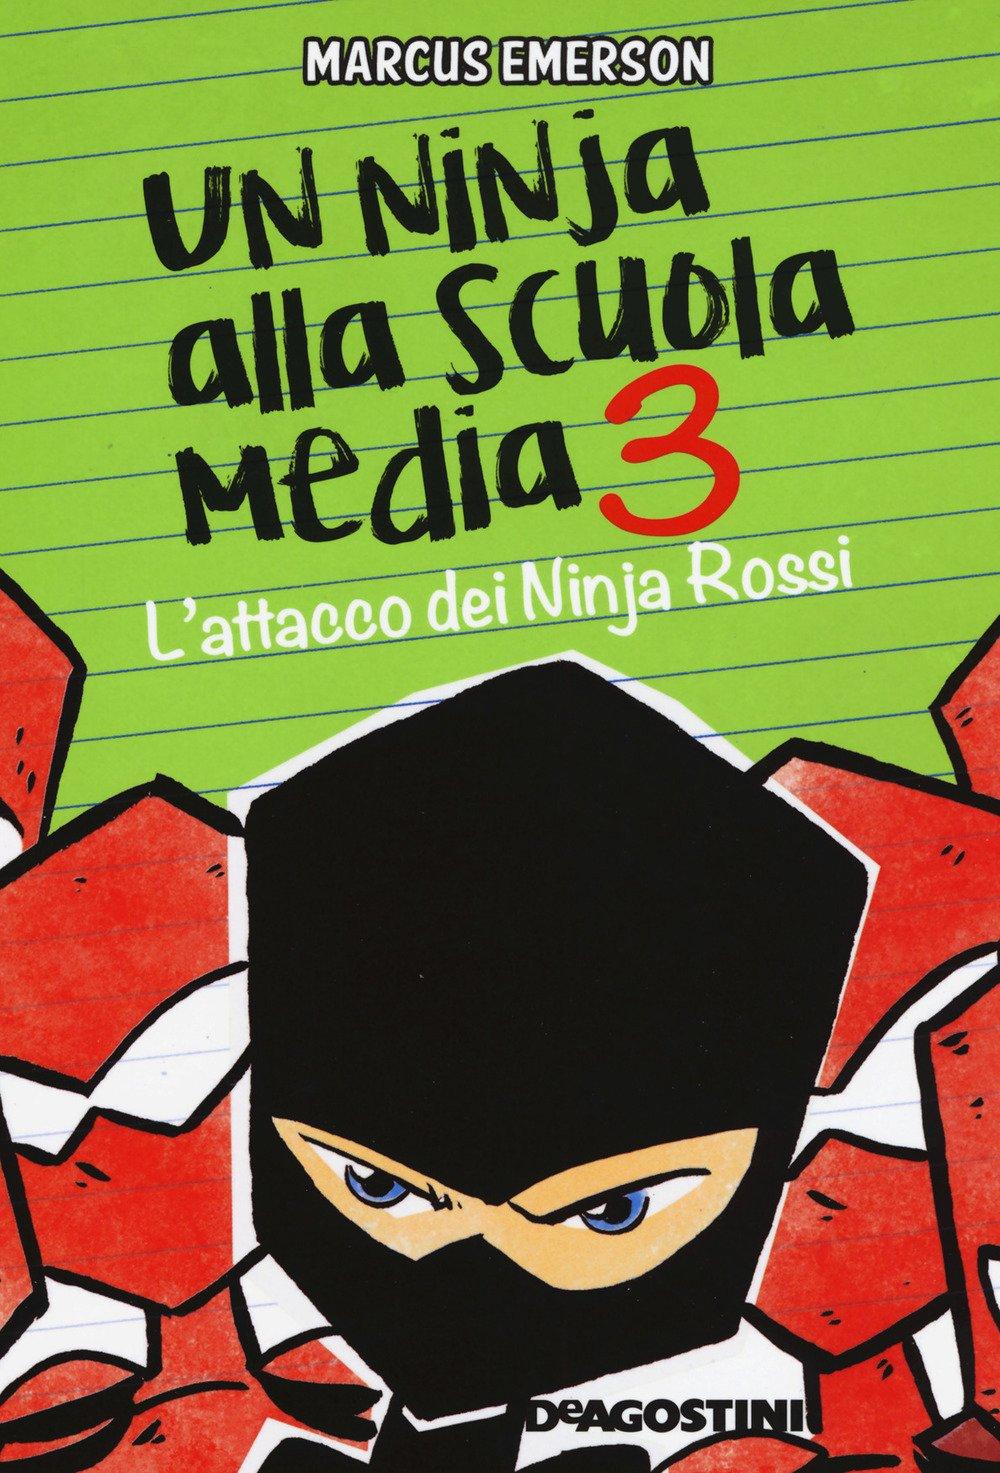 Lattacco dei Ninja Rossi. Un ninja alla scuola media: 3 Le ...